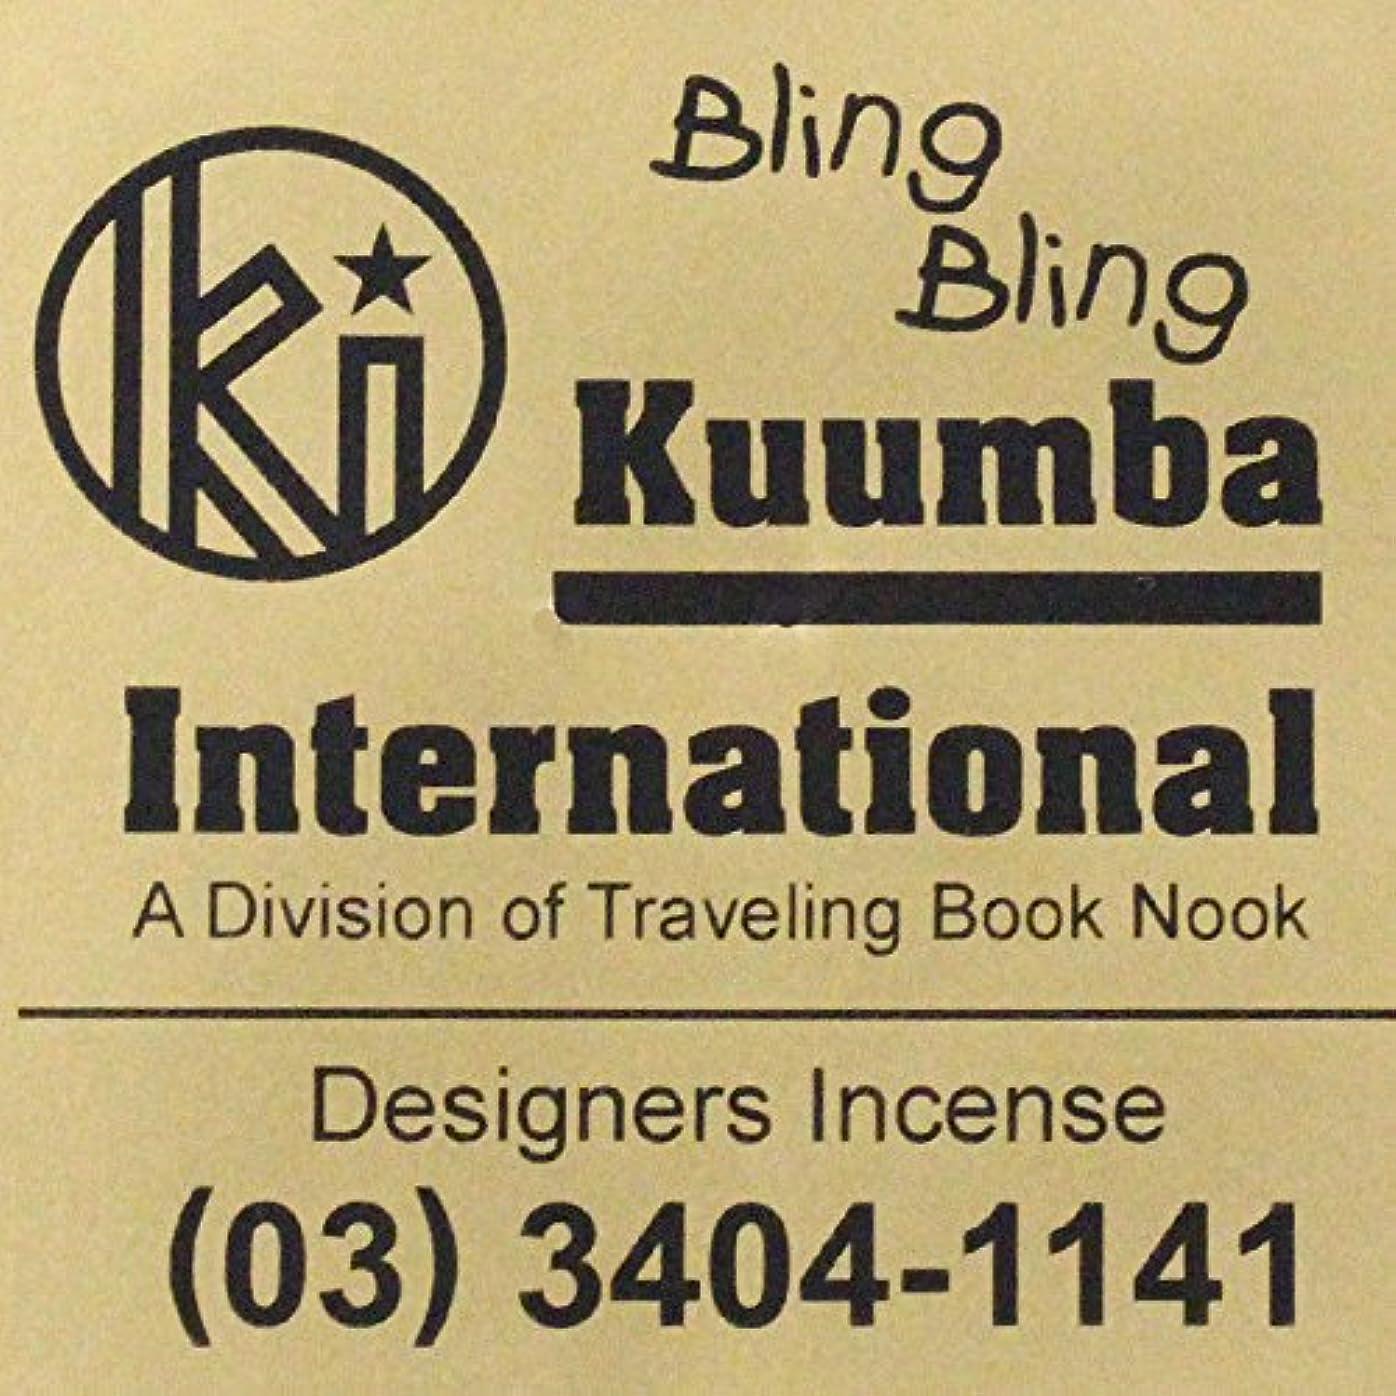 ビール争う衝動(クンバ) KUUMBA『incense』(Bling Bling) (Regular size)